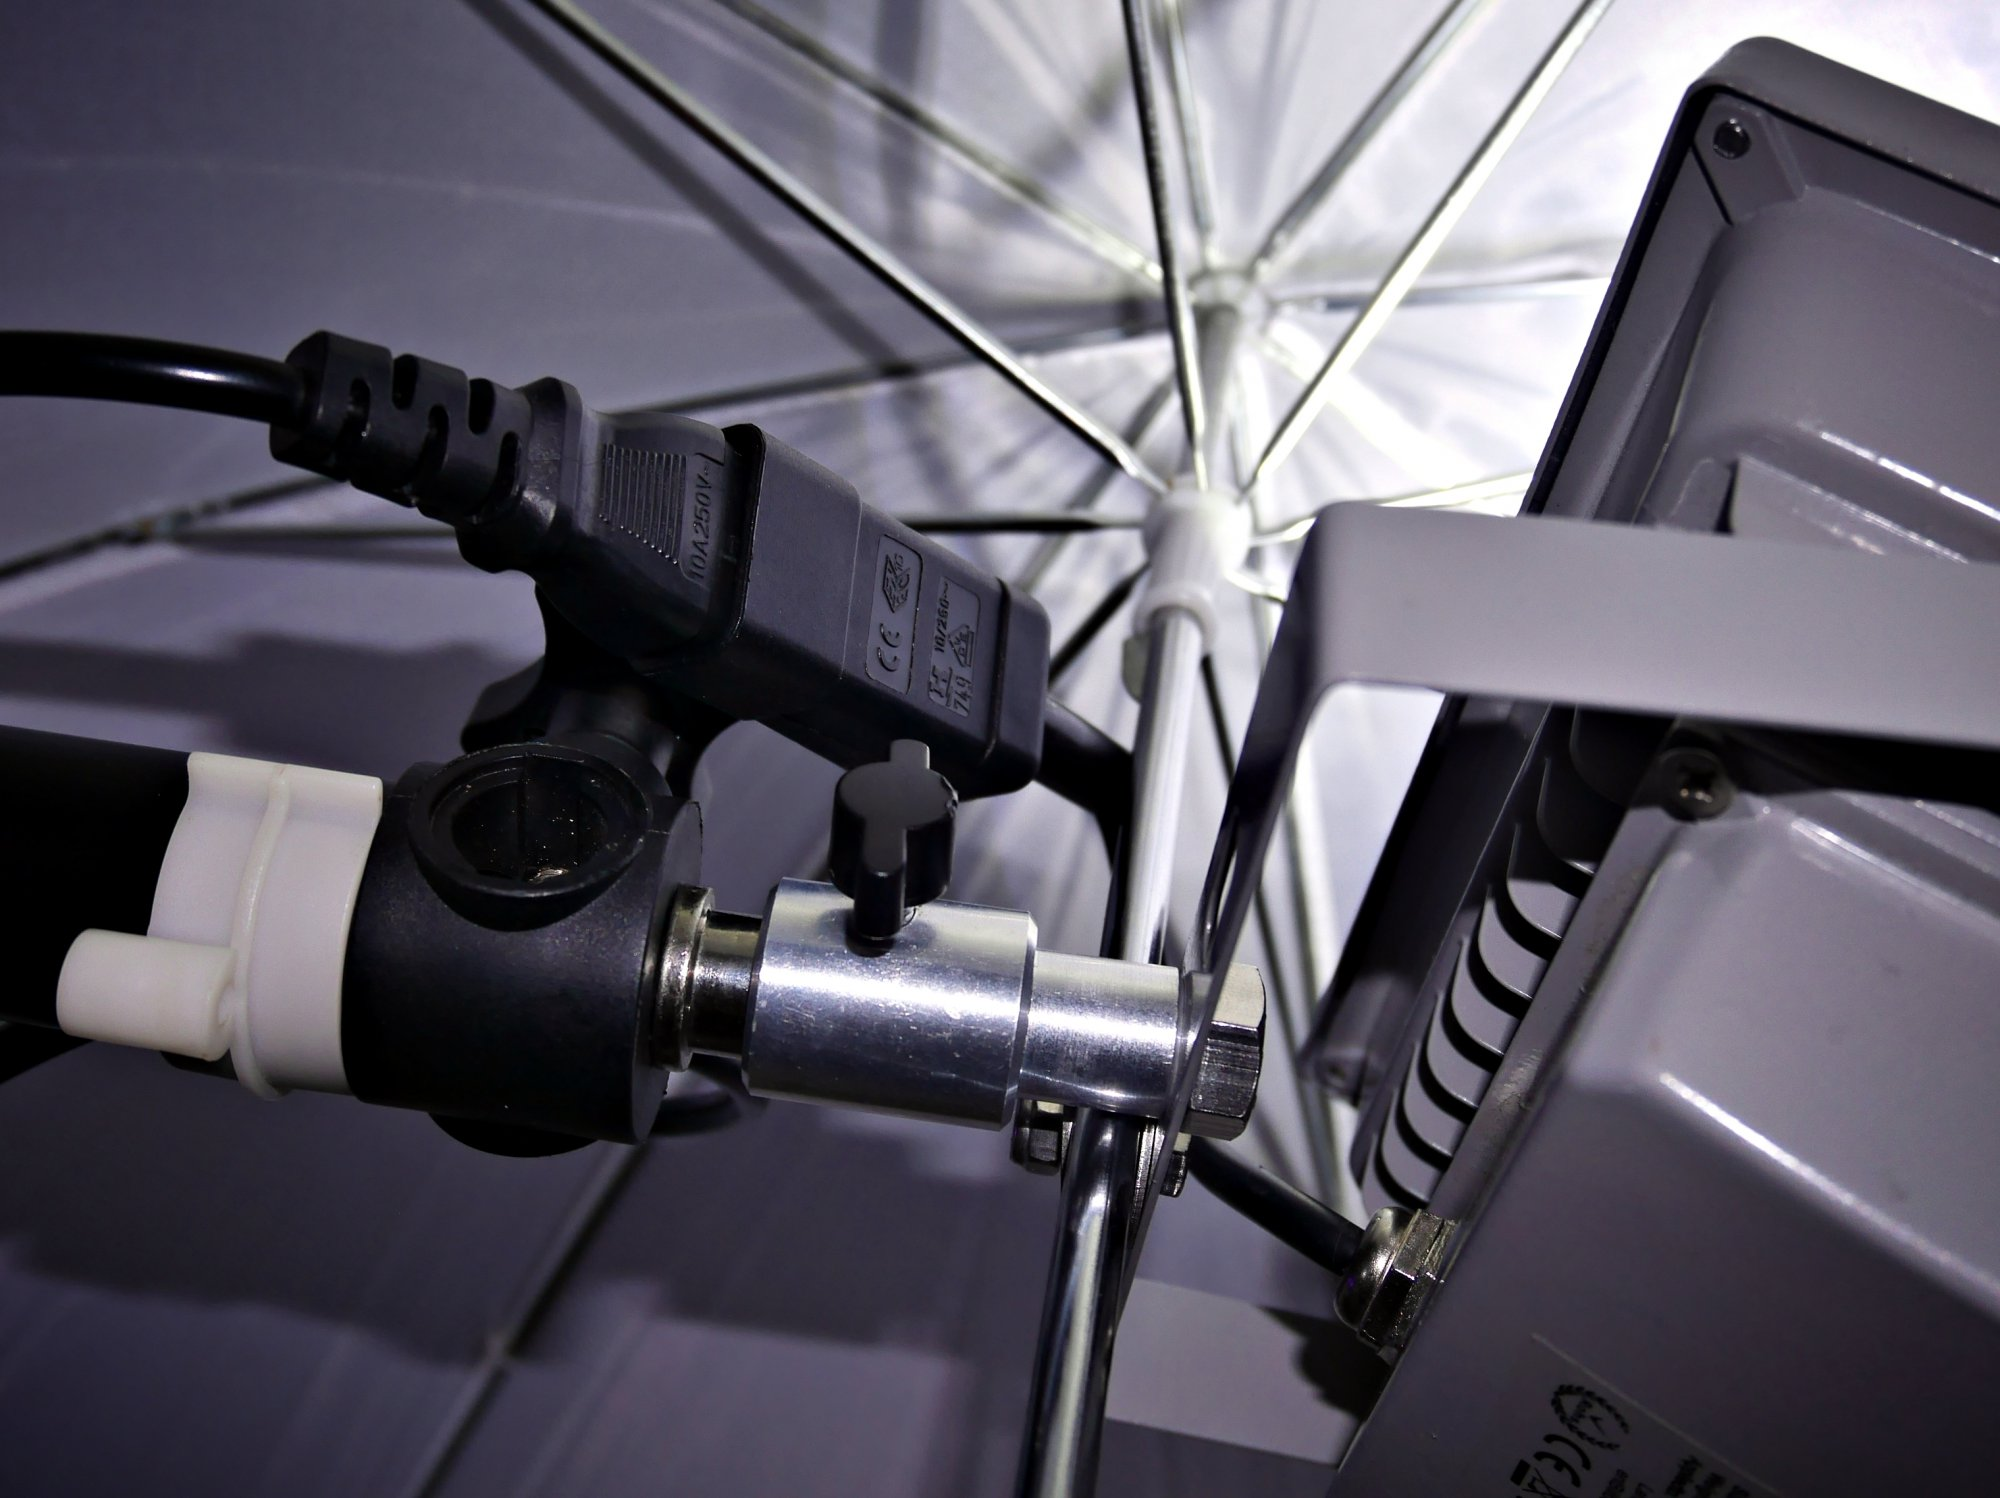 Adapting daylight white Chinese LED floodlights for studio use.